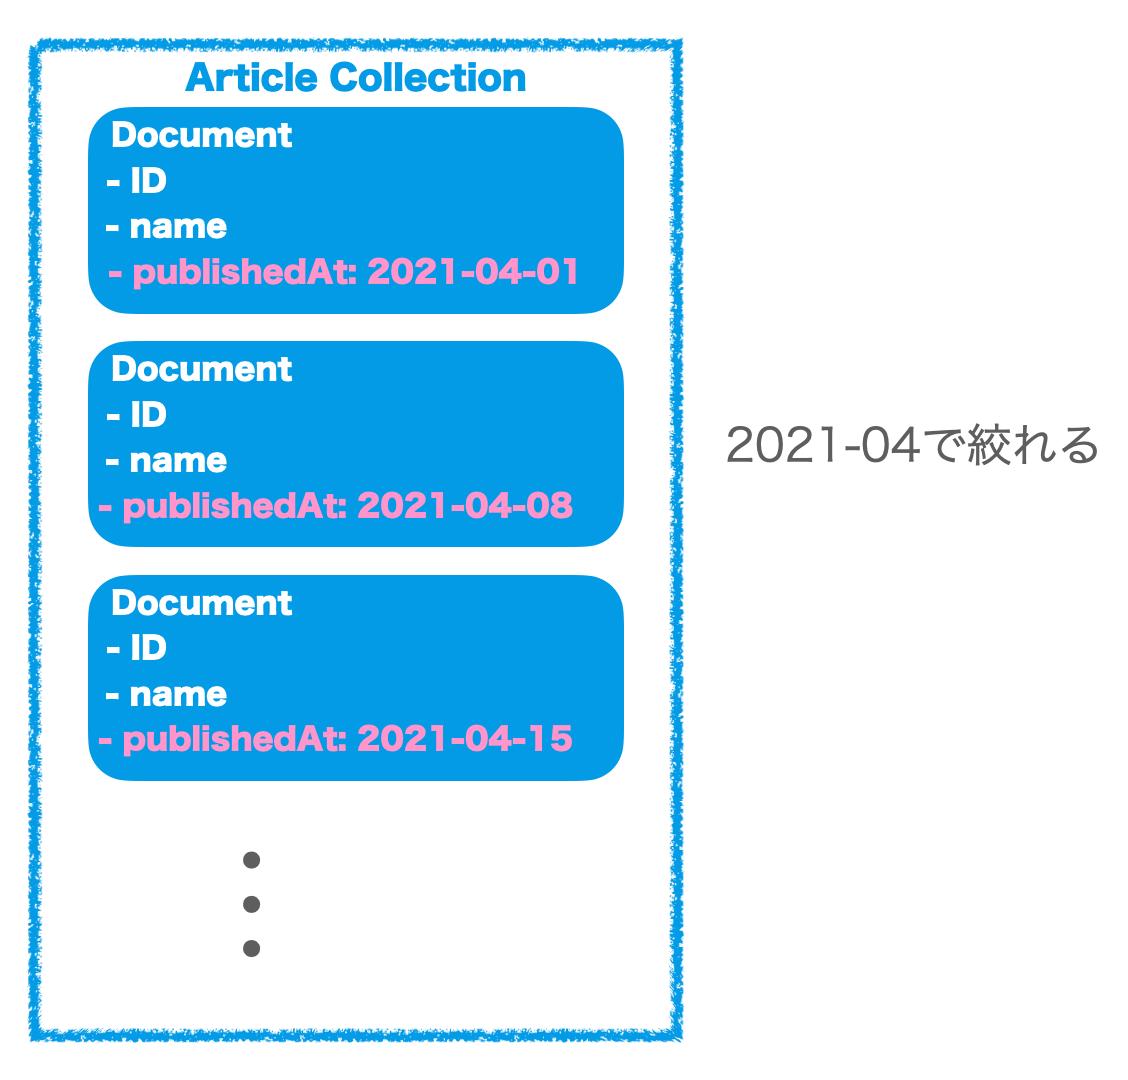 f:id:yosuke403:20210420153455p:plain:h400